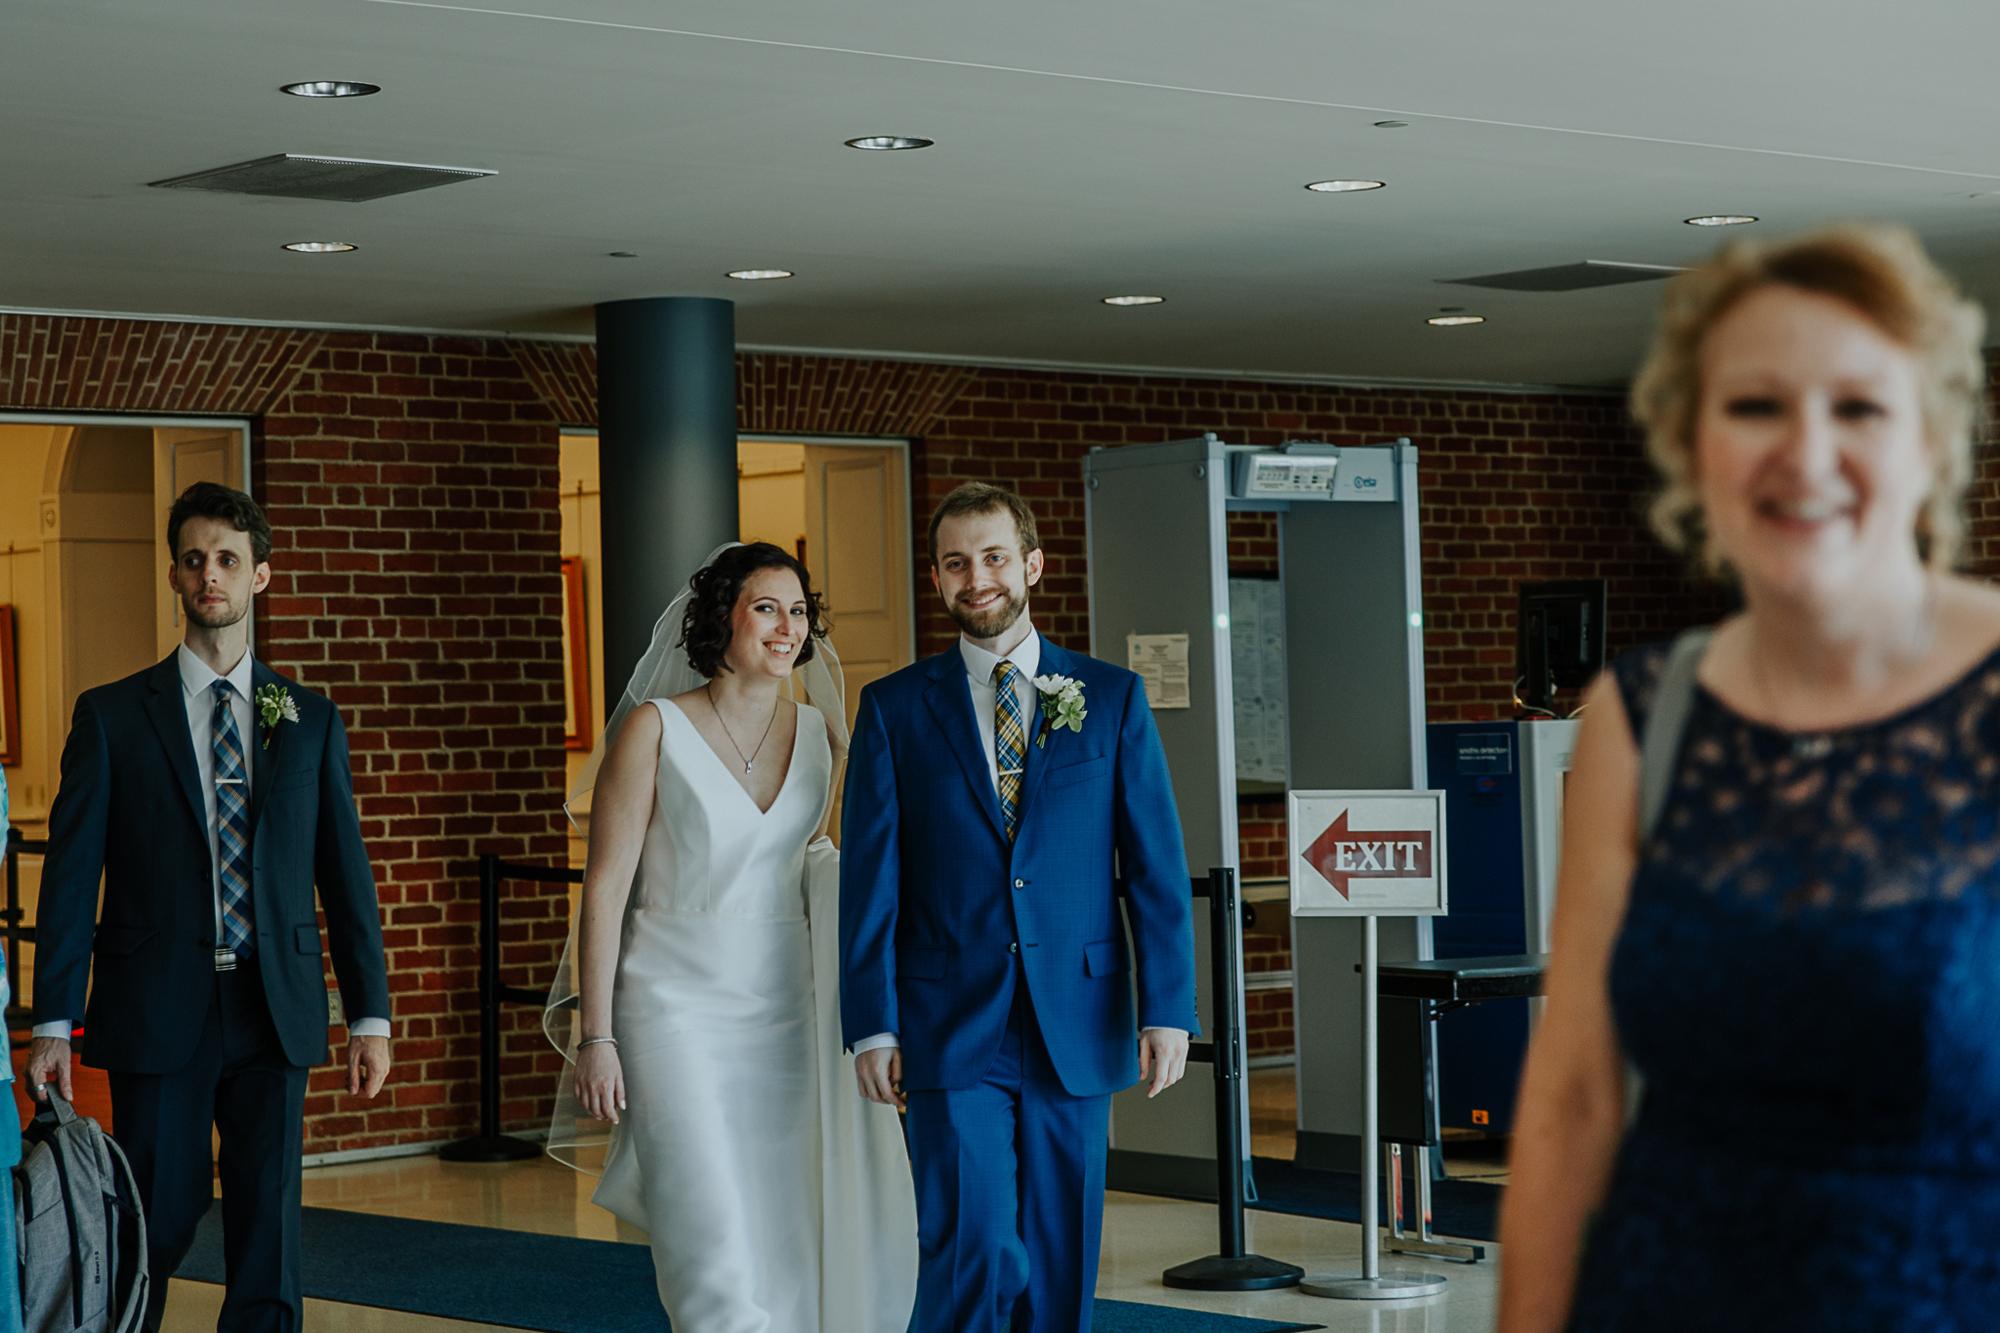 036-annapolis_courthouse_wedding.jpg